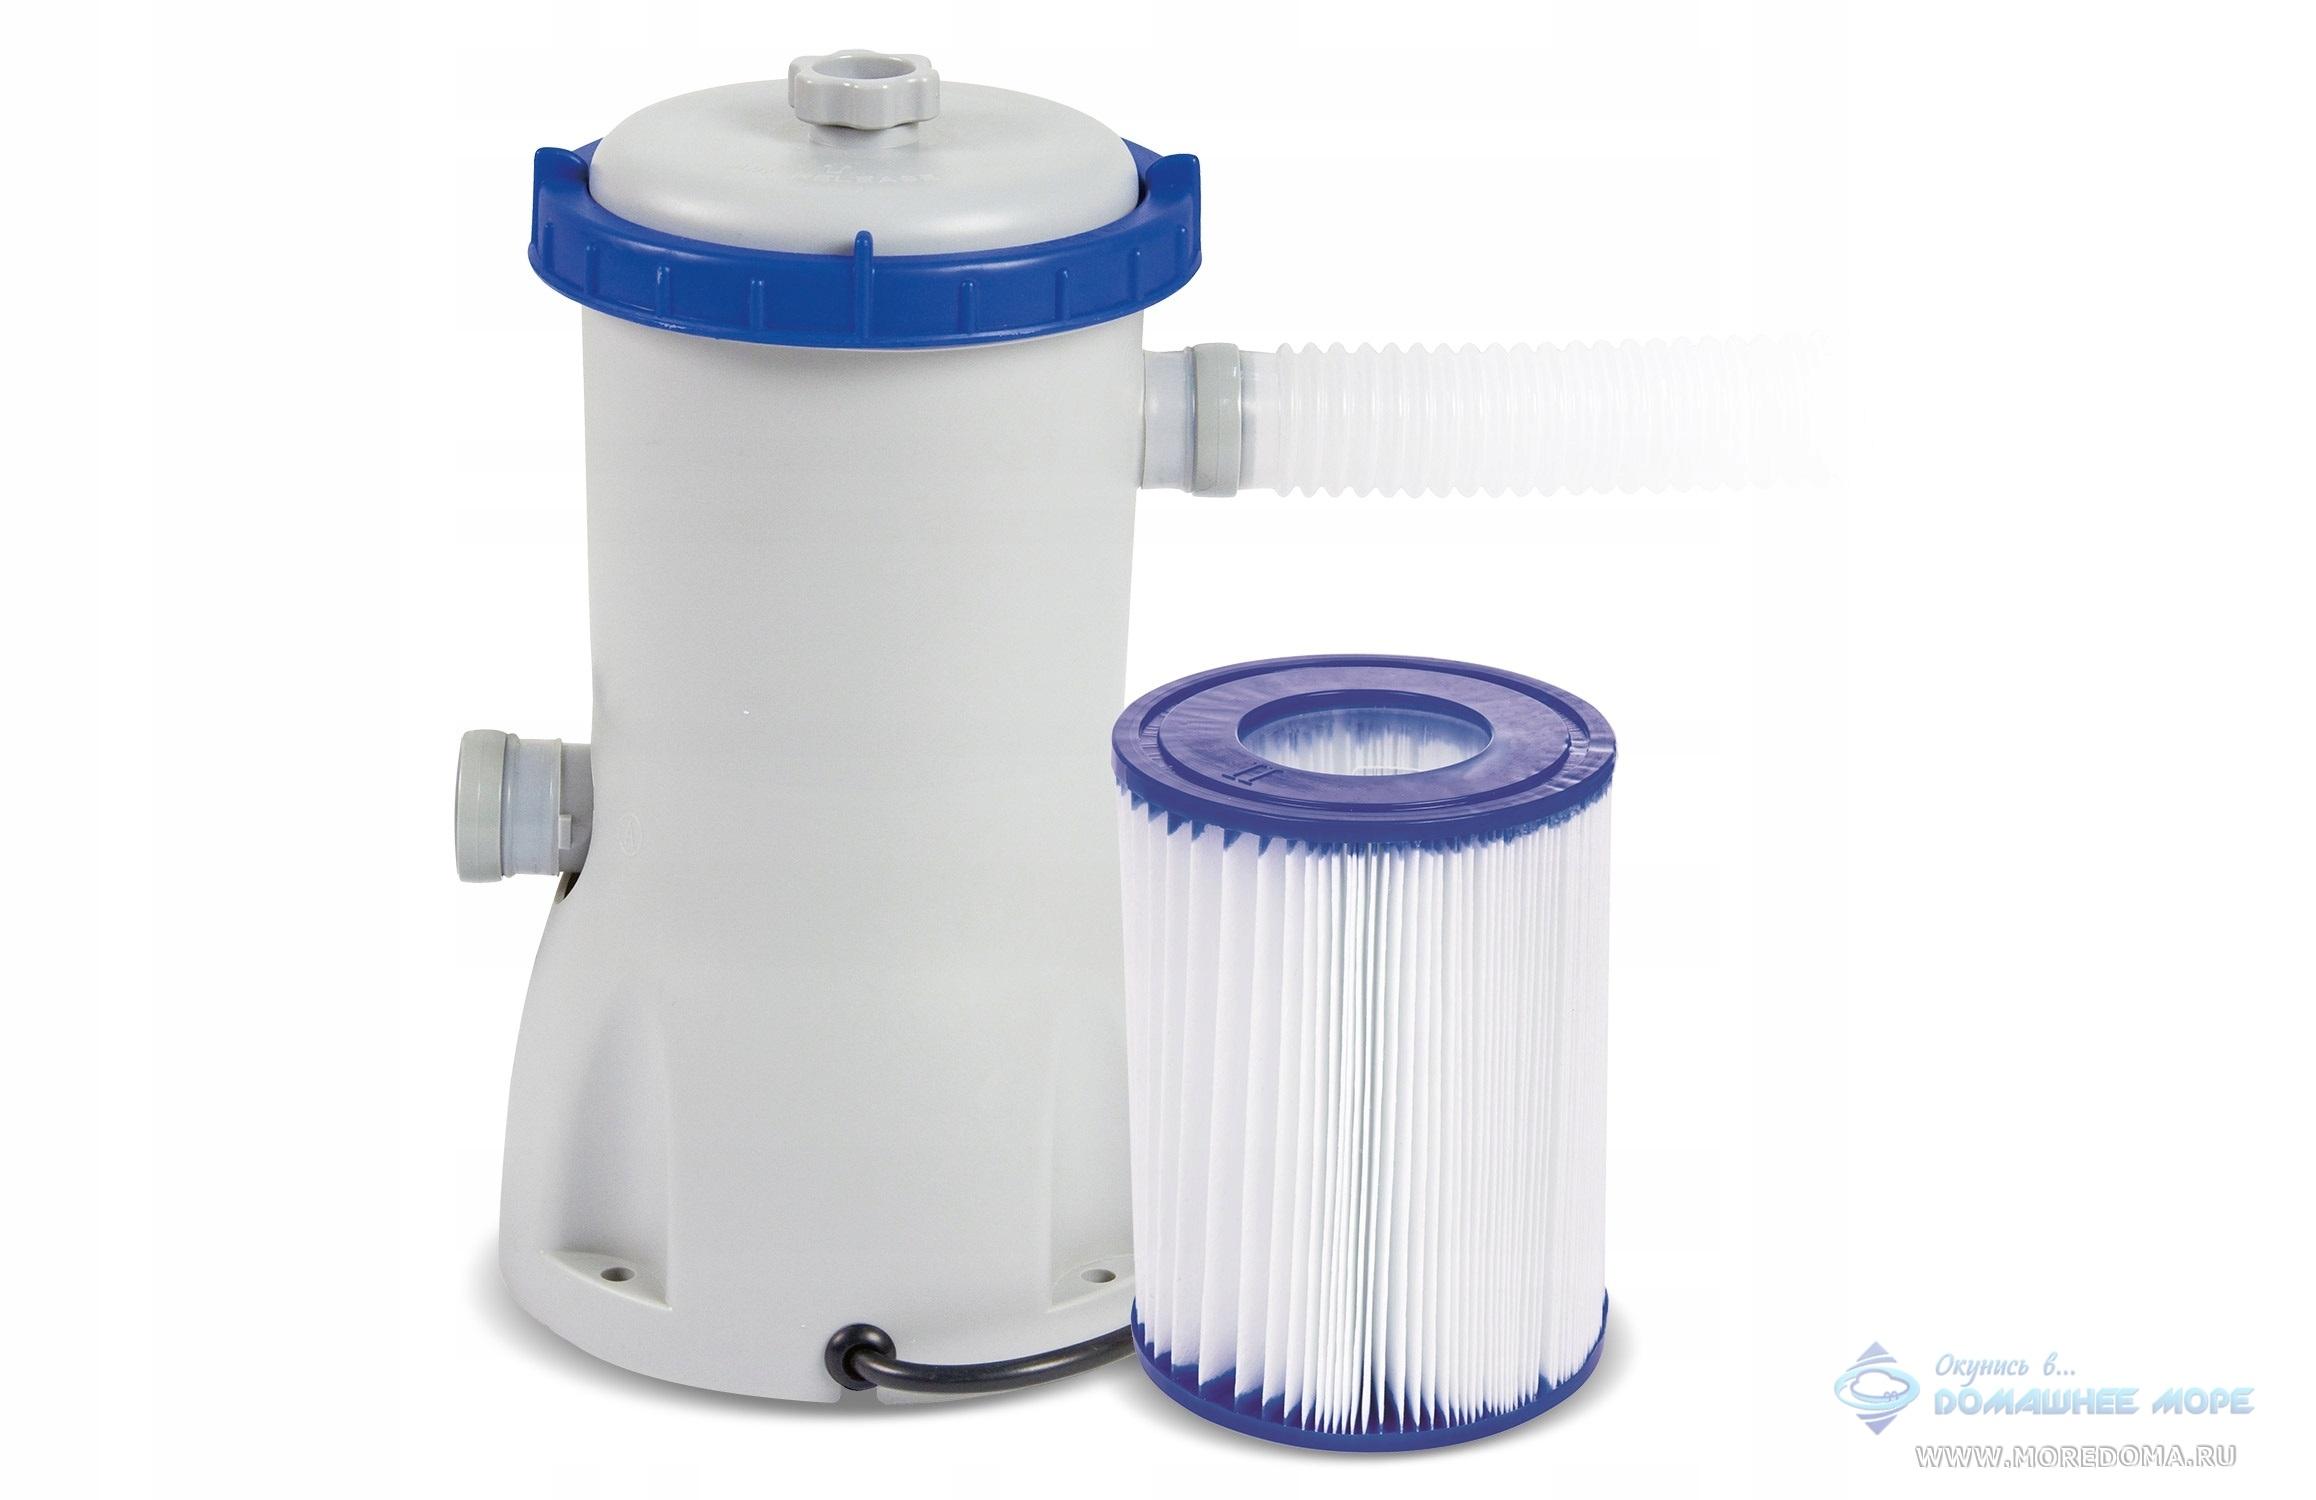 Качественная очистка без хлопот, или как выбрать песочный фильтр для бассейна